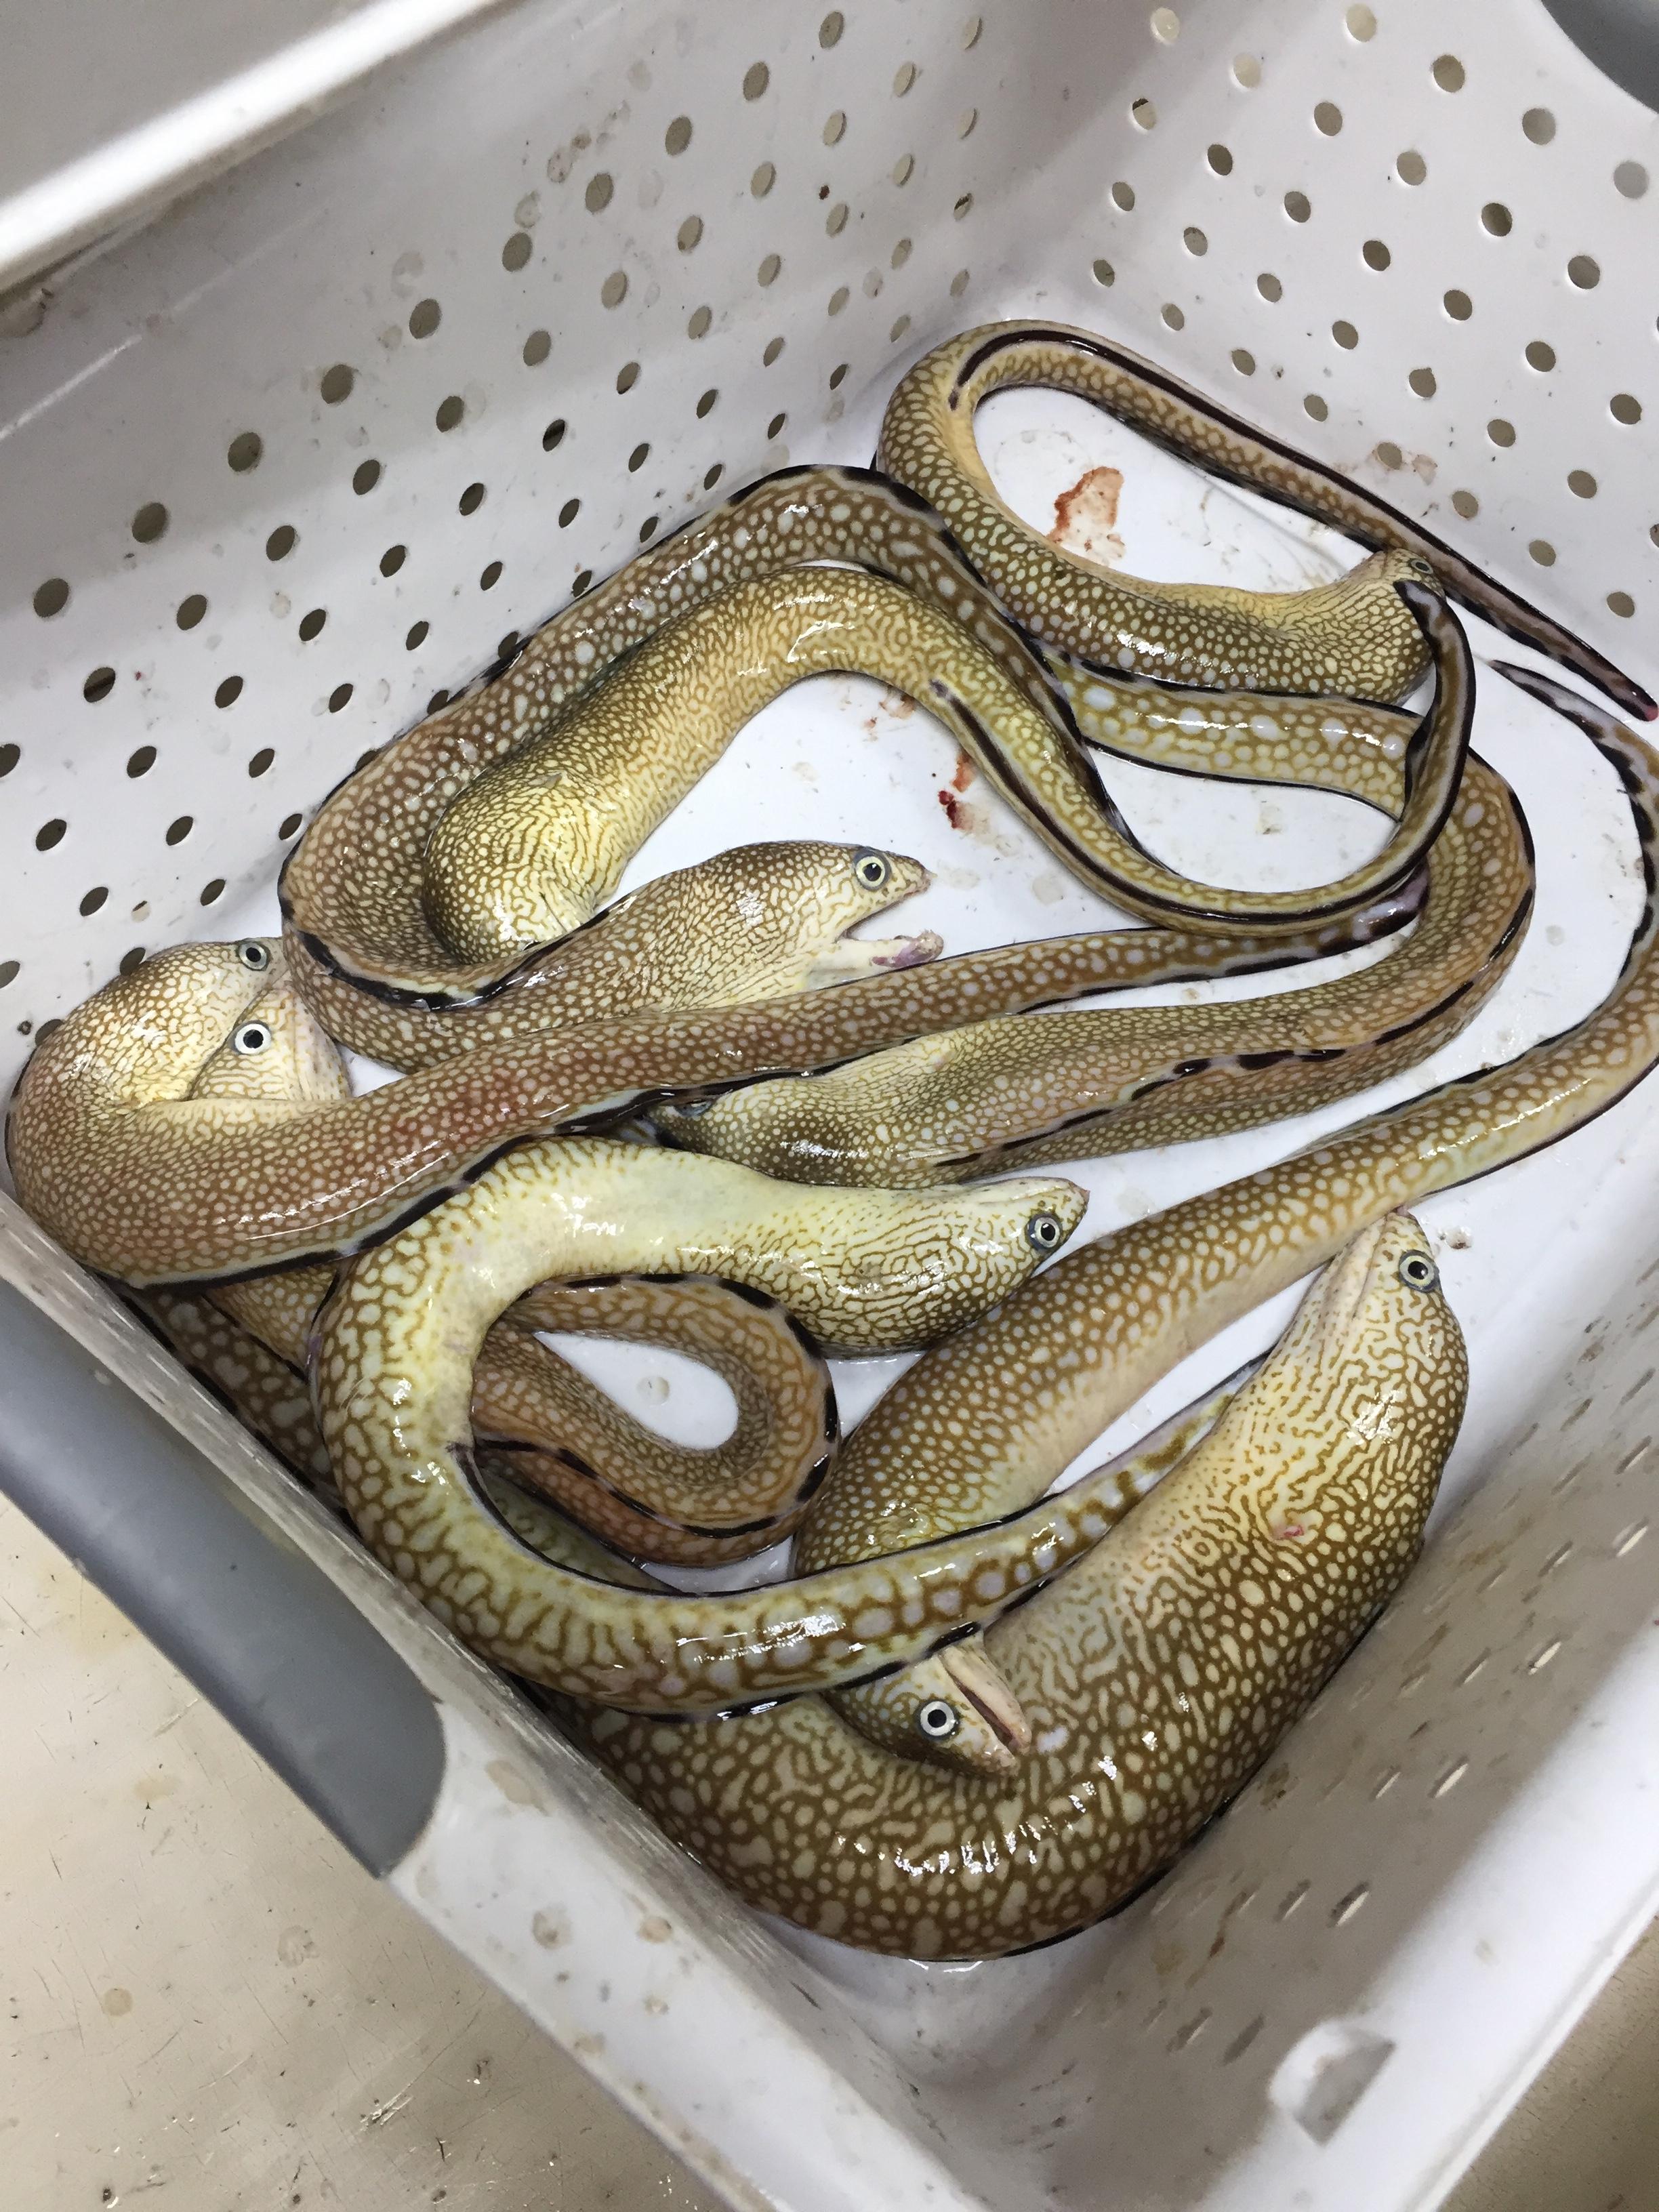 Ocellated Moray Eels, Gymnothorax saxicola